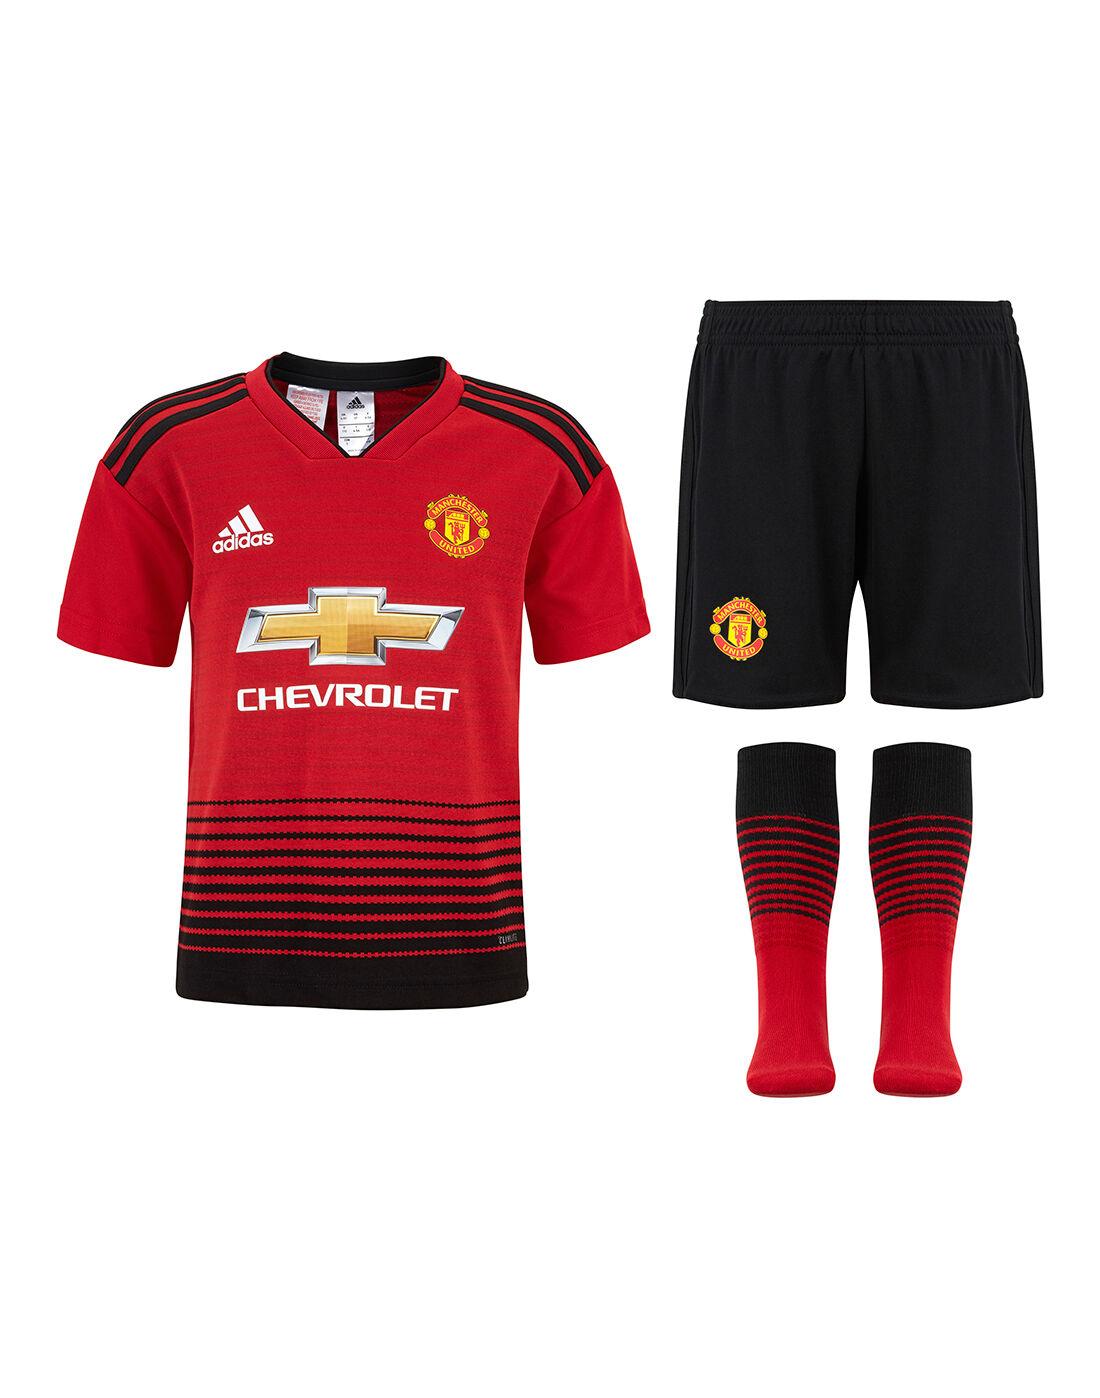 adidas Kids Man Utd 1819 Home Kit